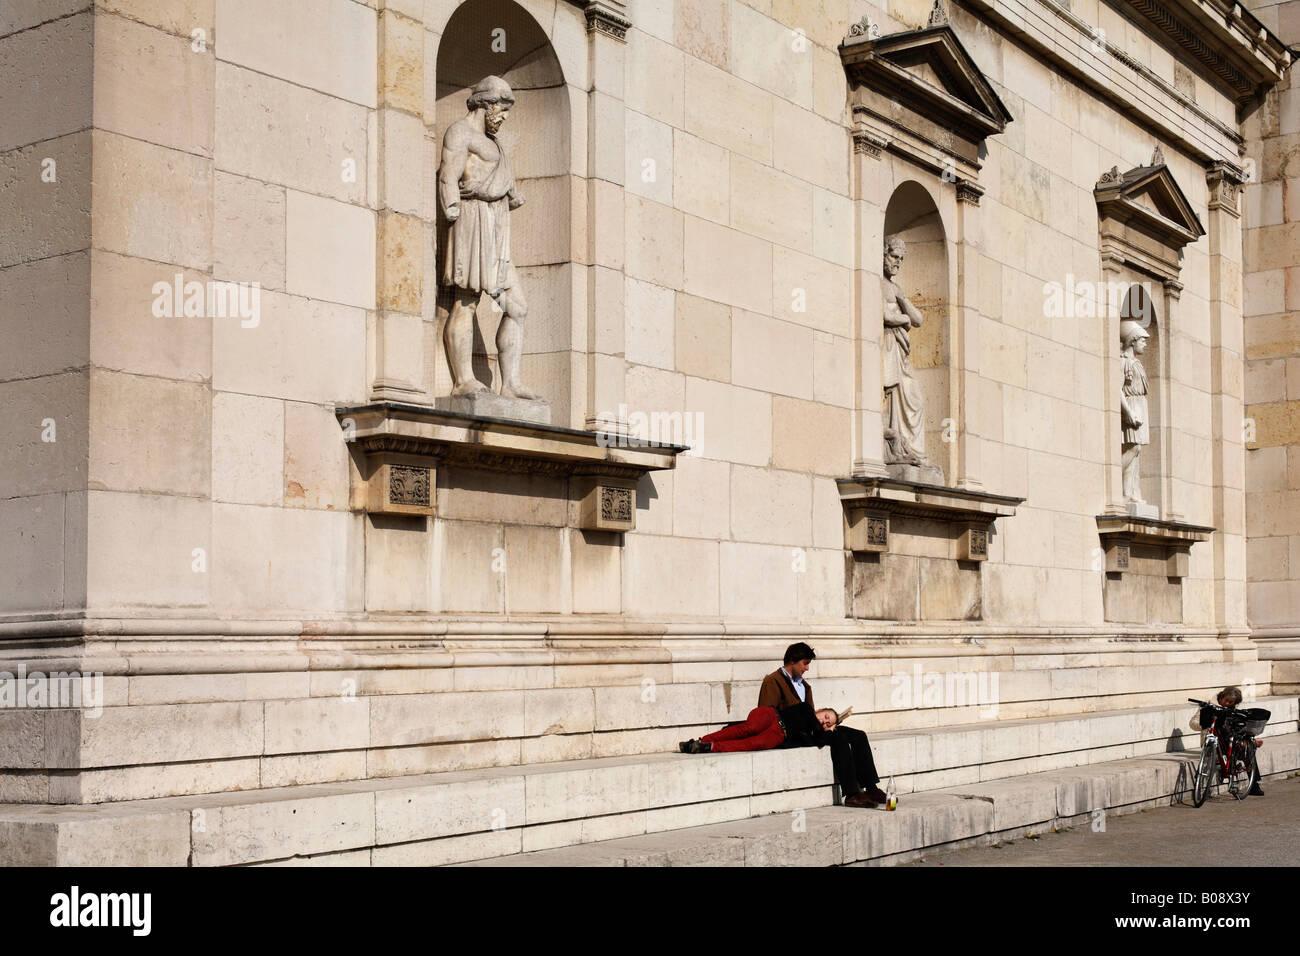 Stein-Statuen errichtet in der Außenwand der Glyptothek, München, Bayern, Deutschland Stockbild